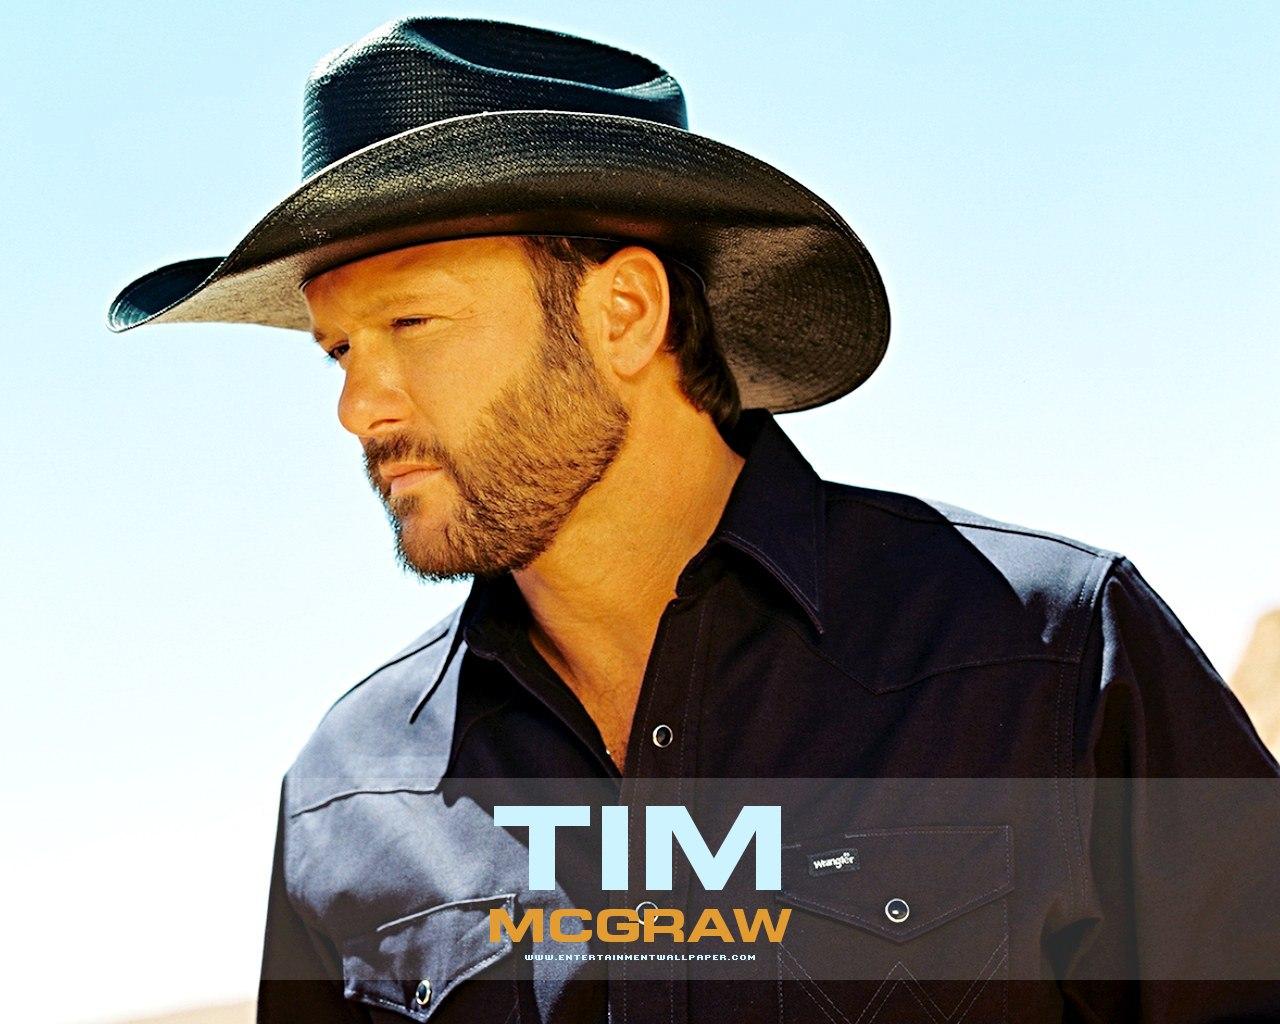 Tim McGraw Wallpaper   40009617 Desktop Download page various 1280x1024